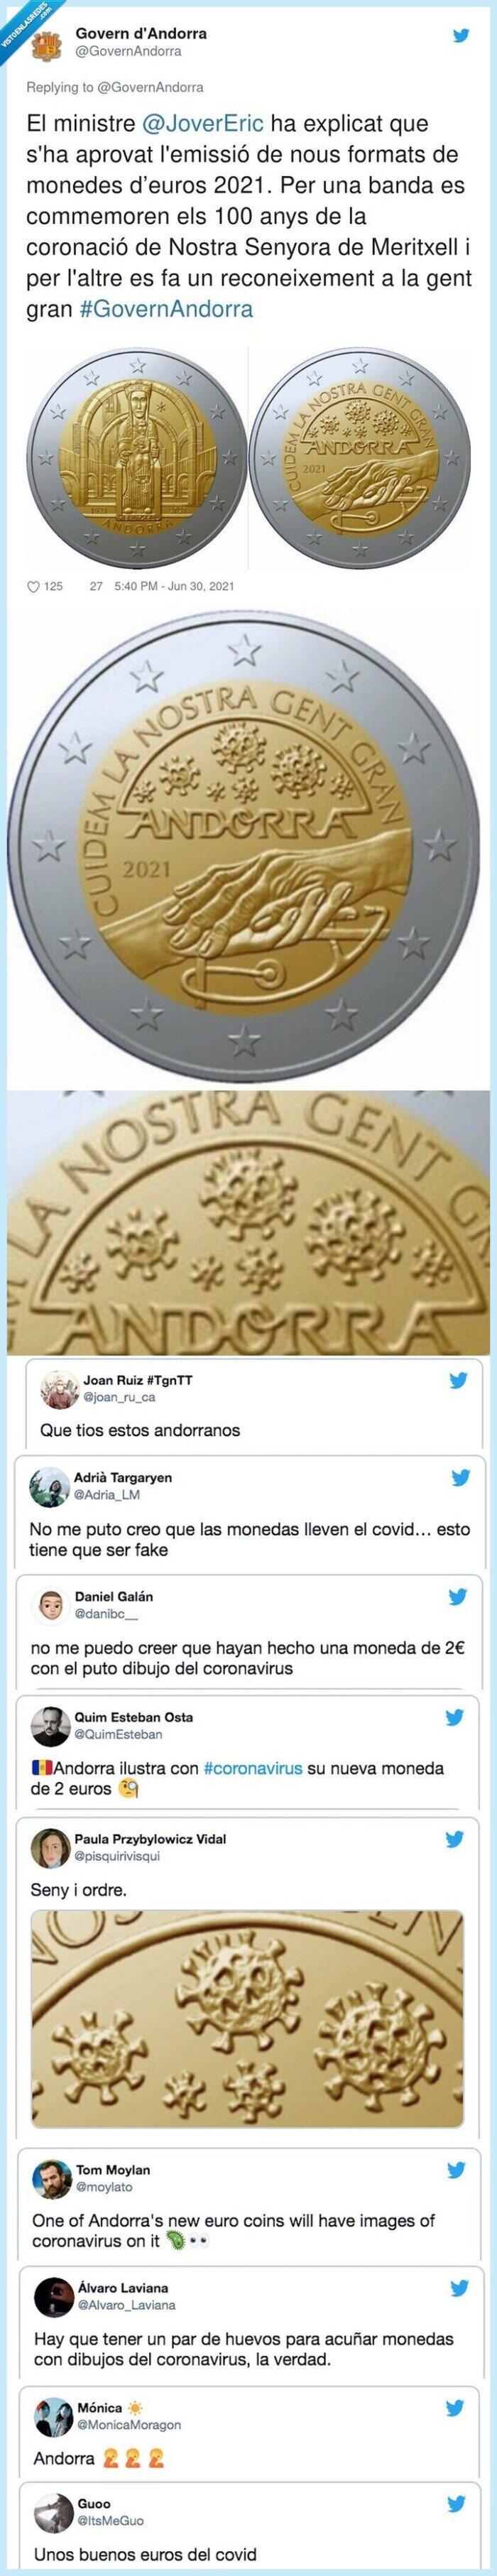 922167 - Todo el mundo está alucinando con la nueva moneda de dos euros de Andorra, y sí es lo que parece